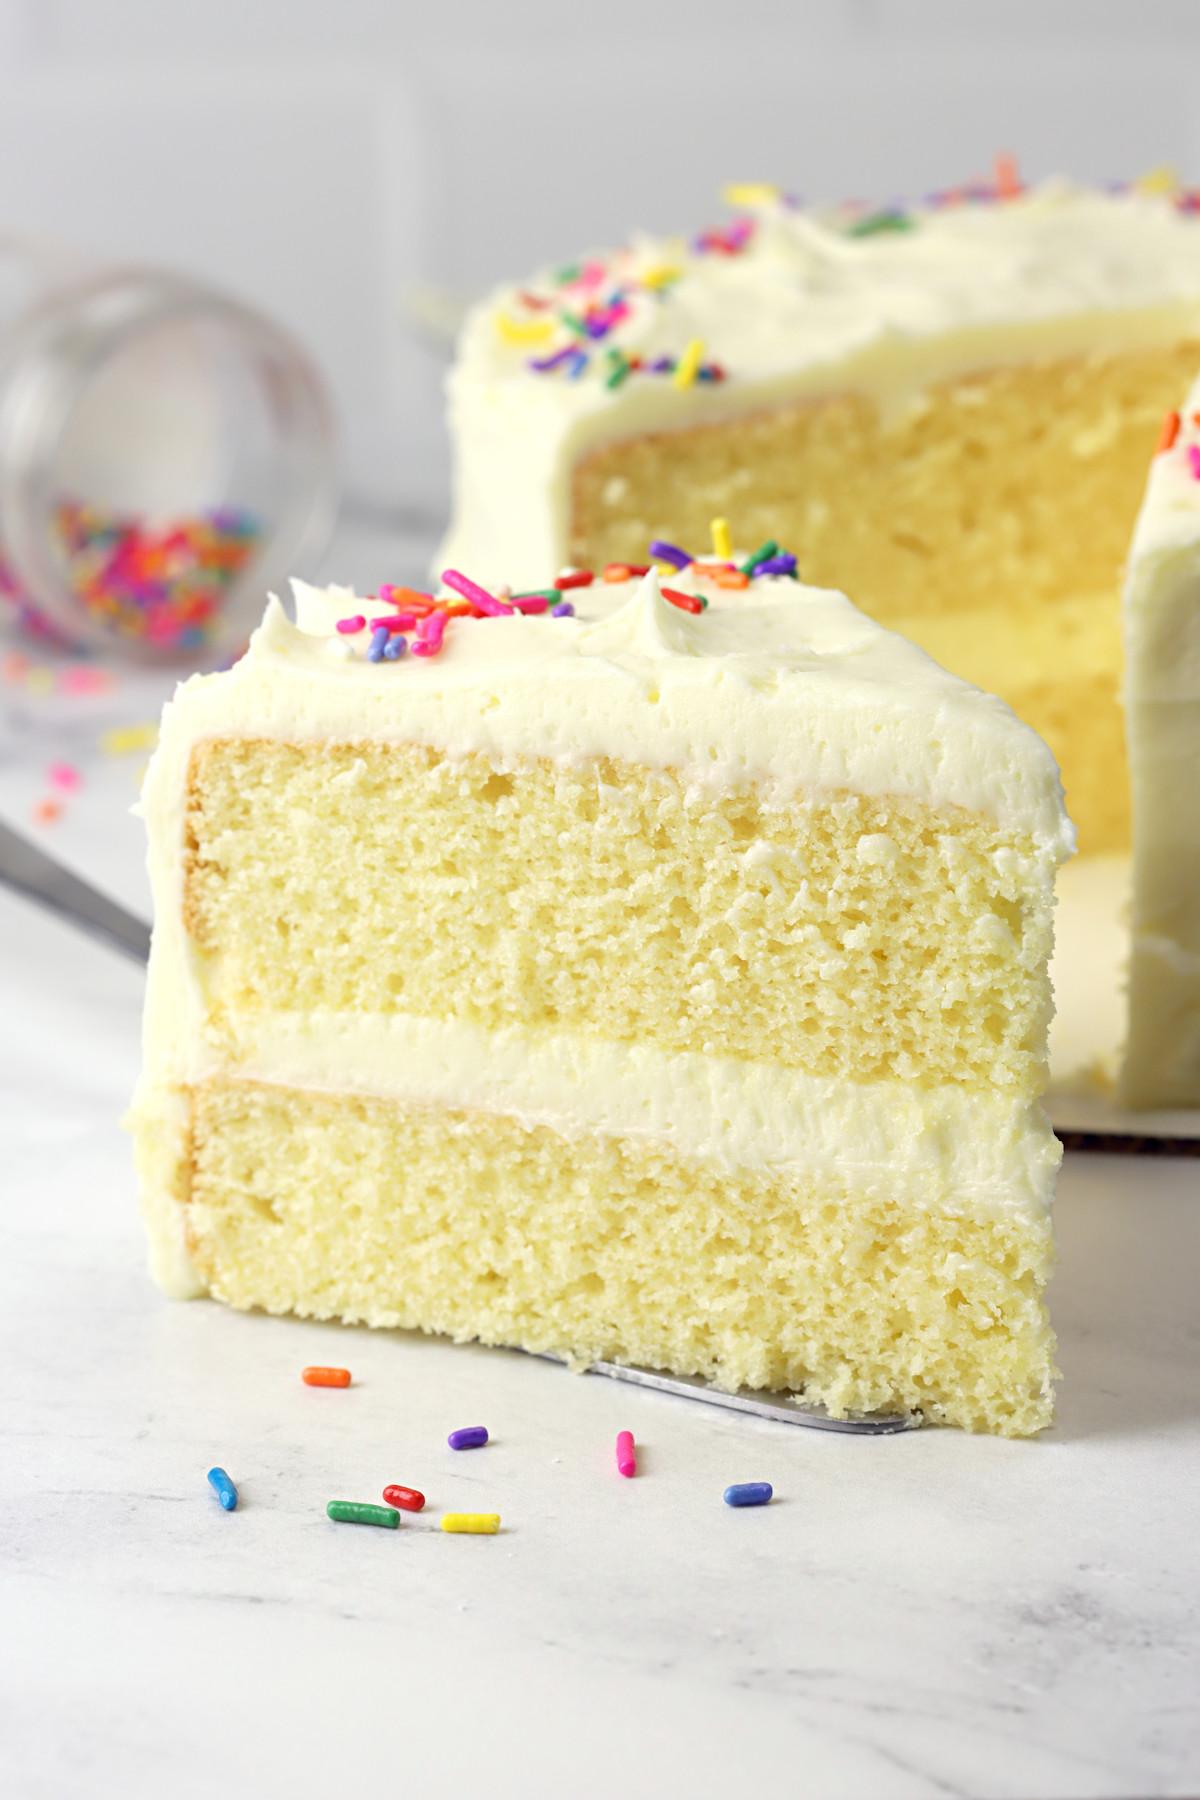 Slice of vanilla layer cake.